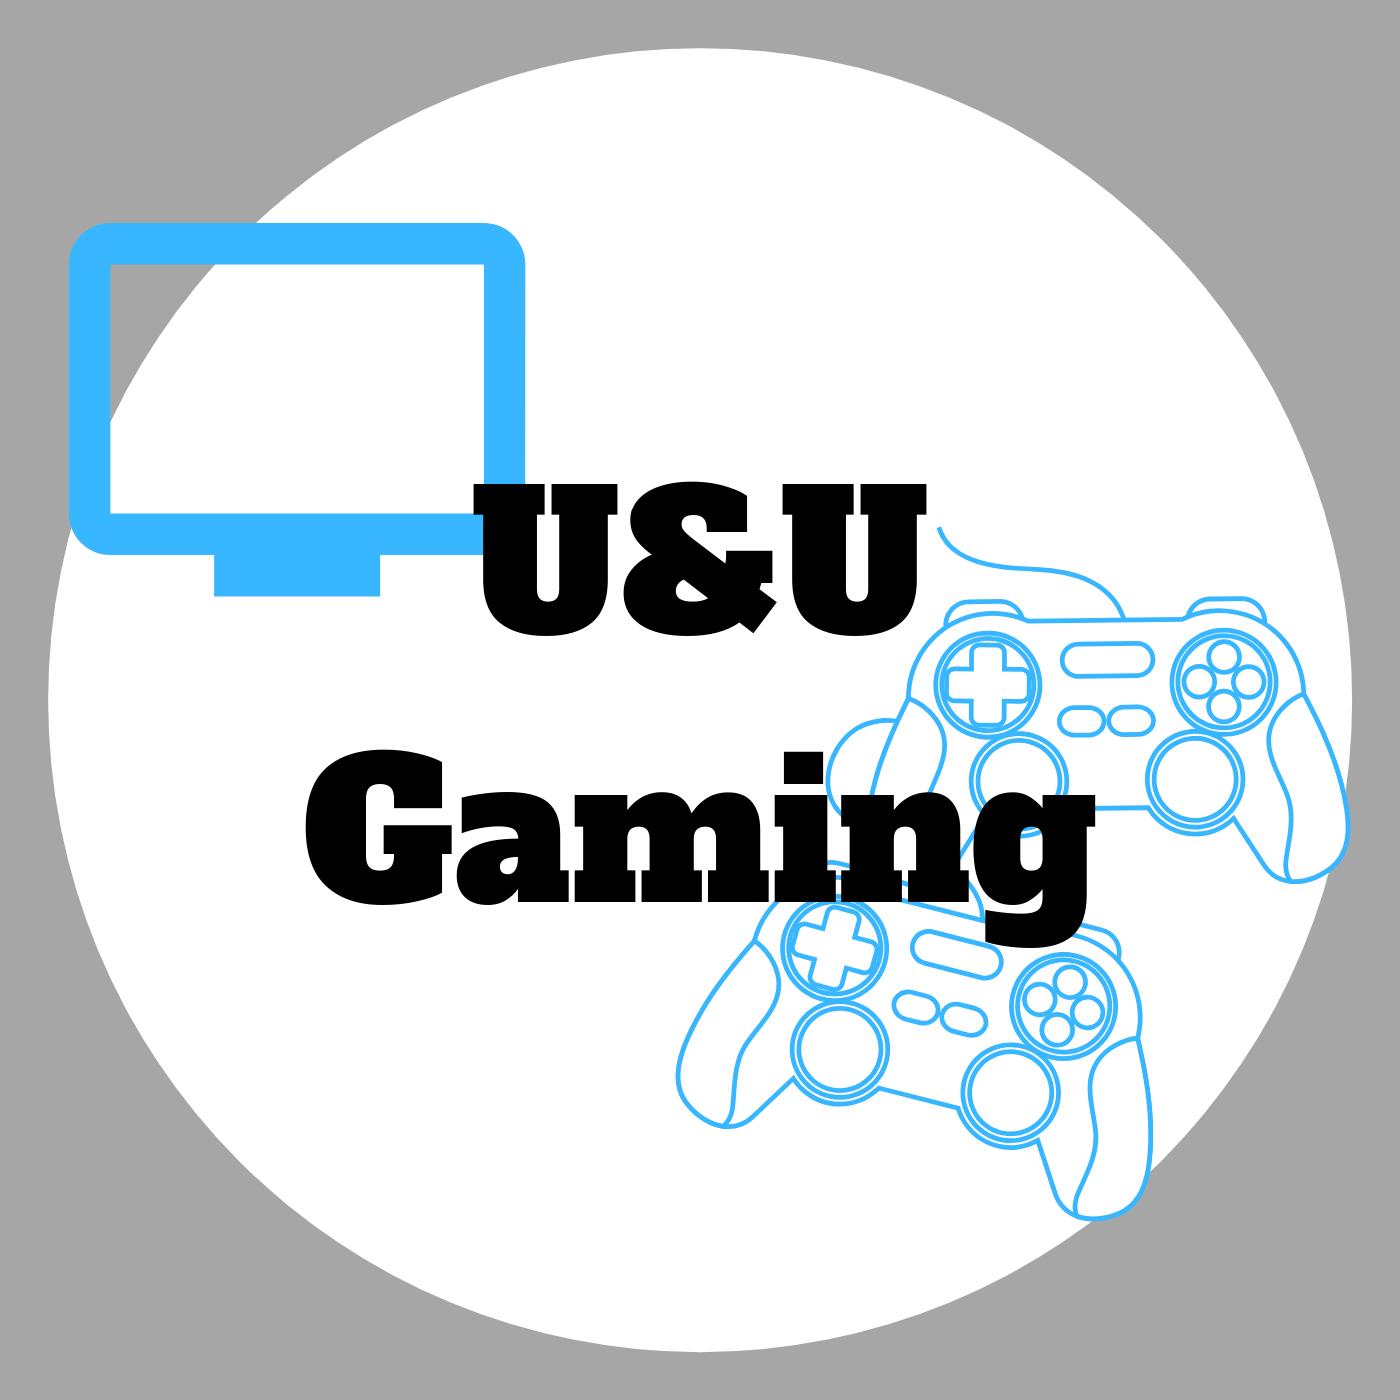 U&U Gaming